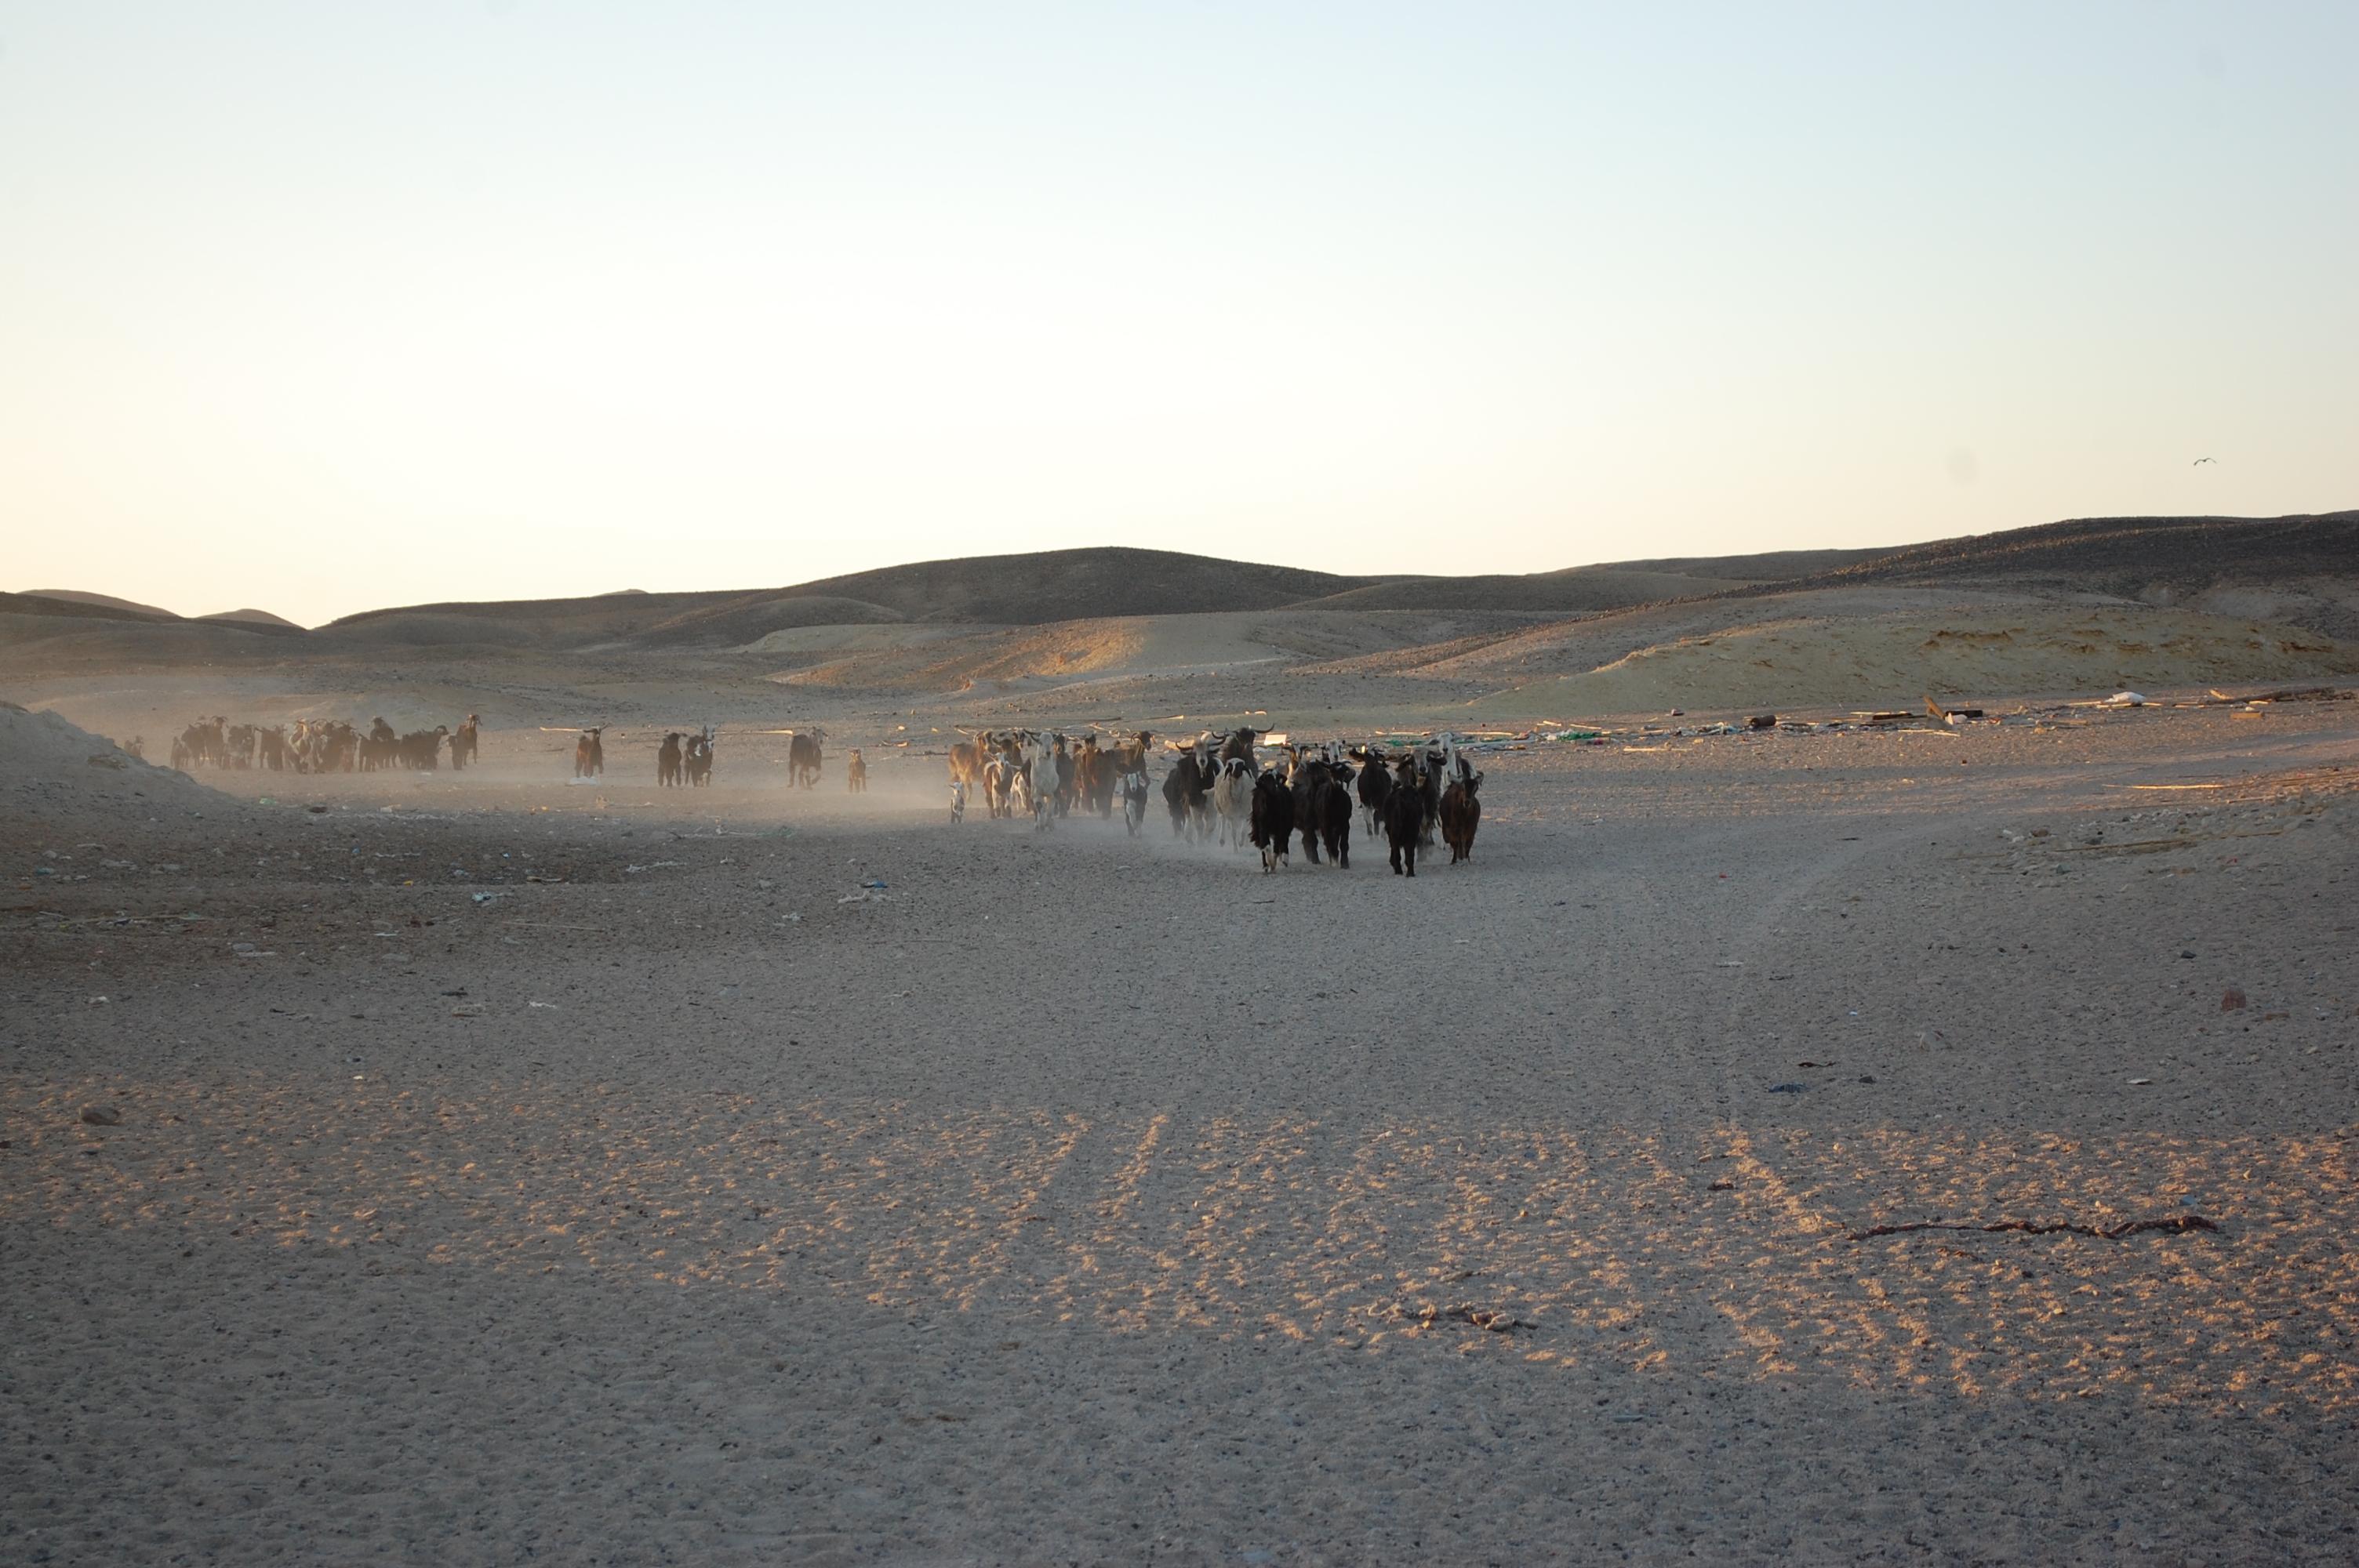 egipt desert